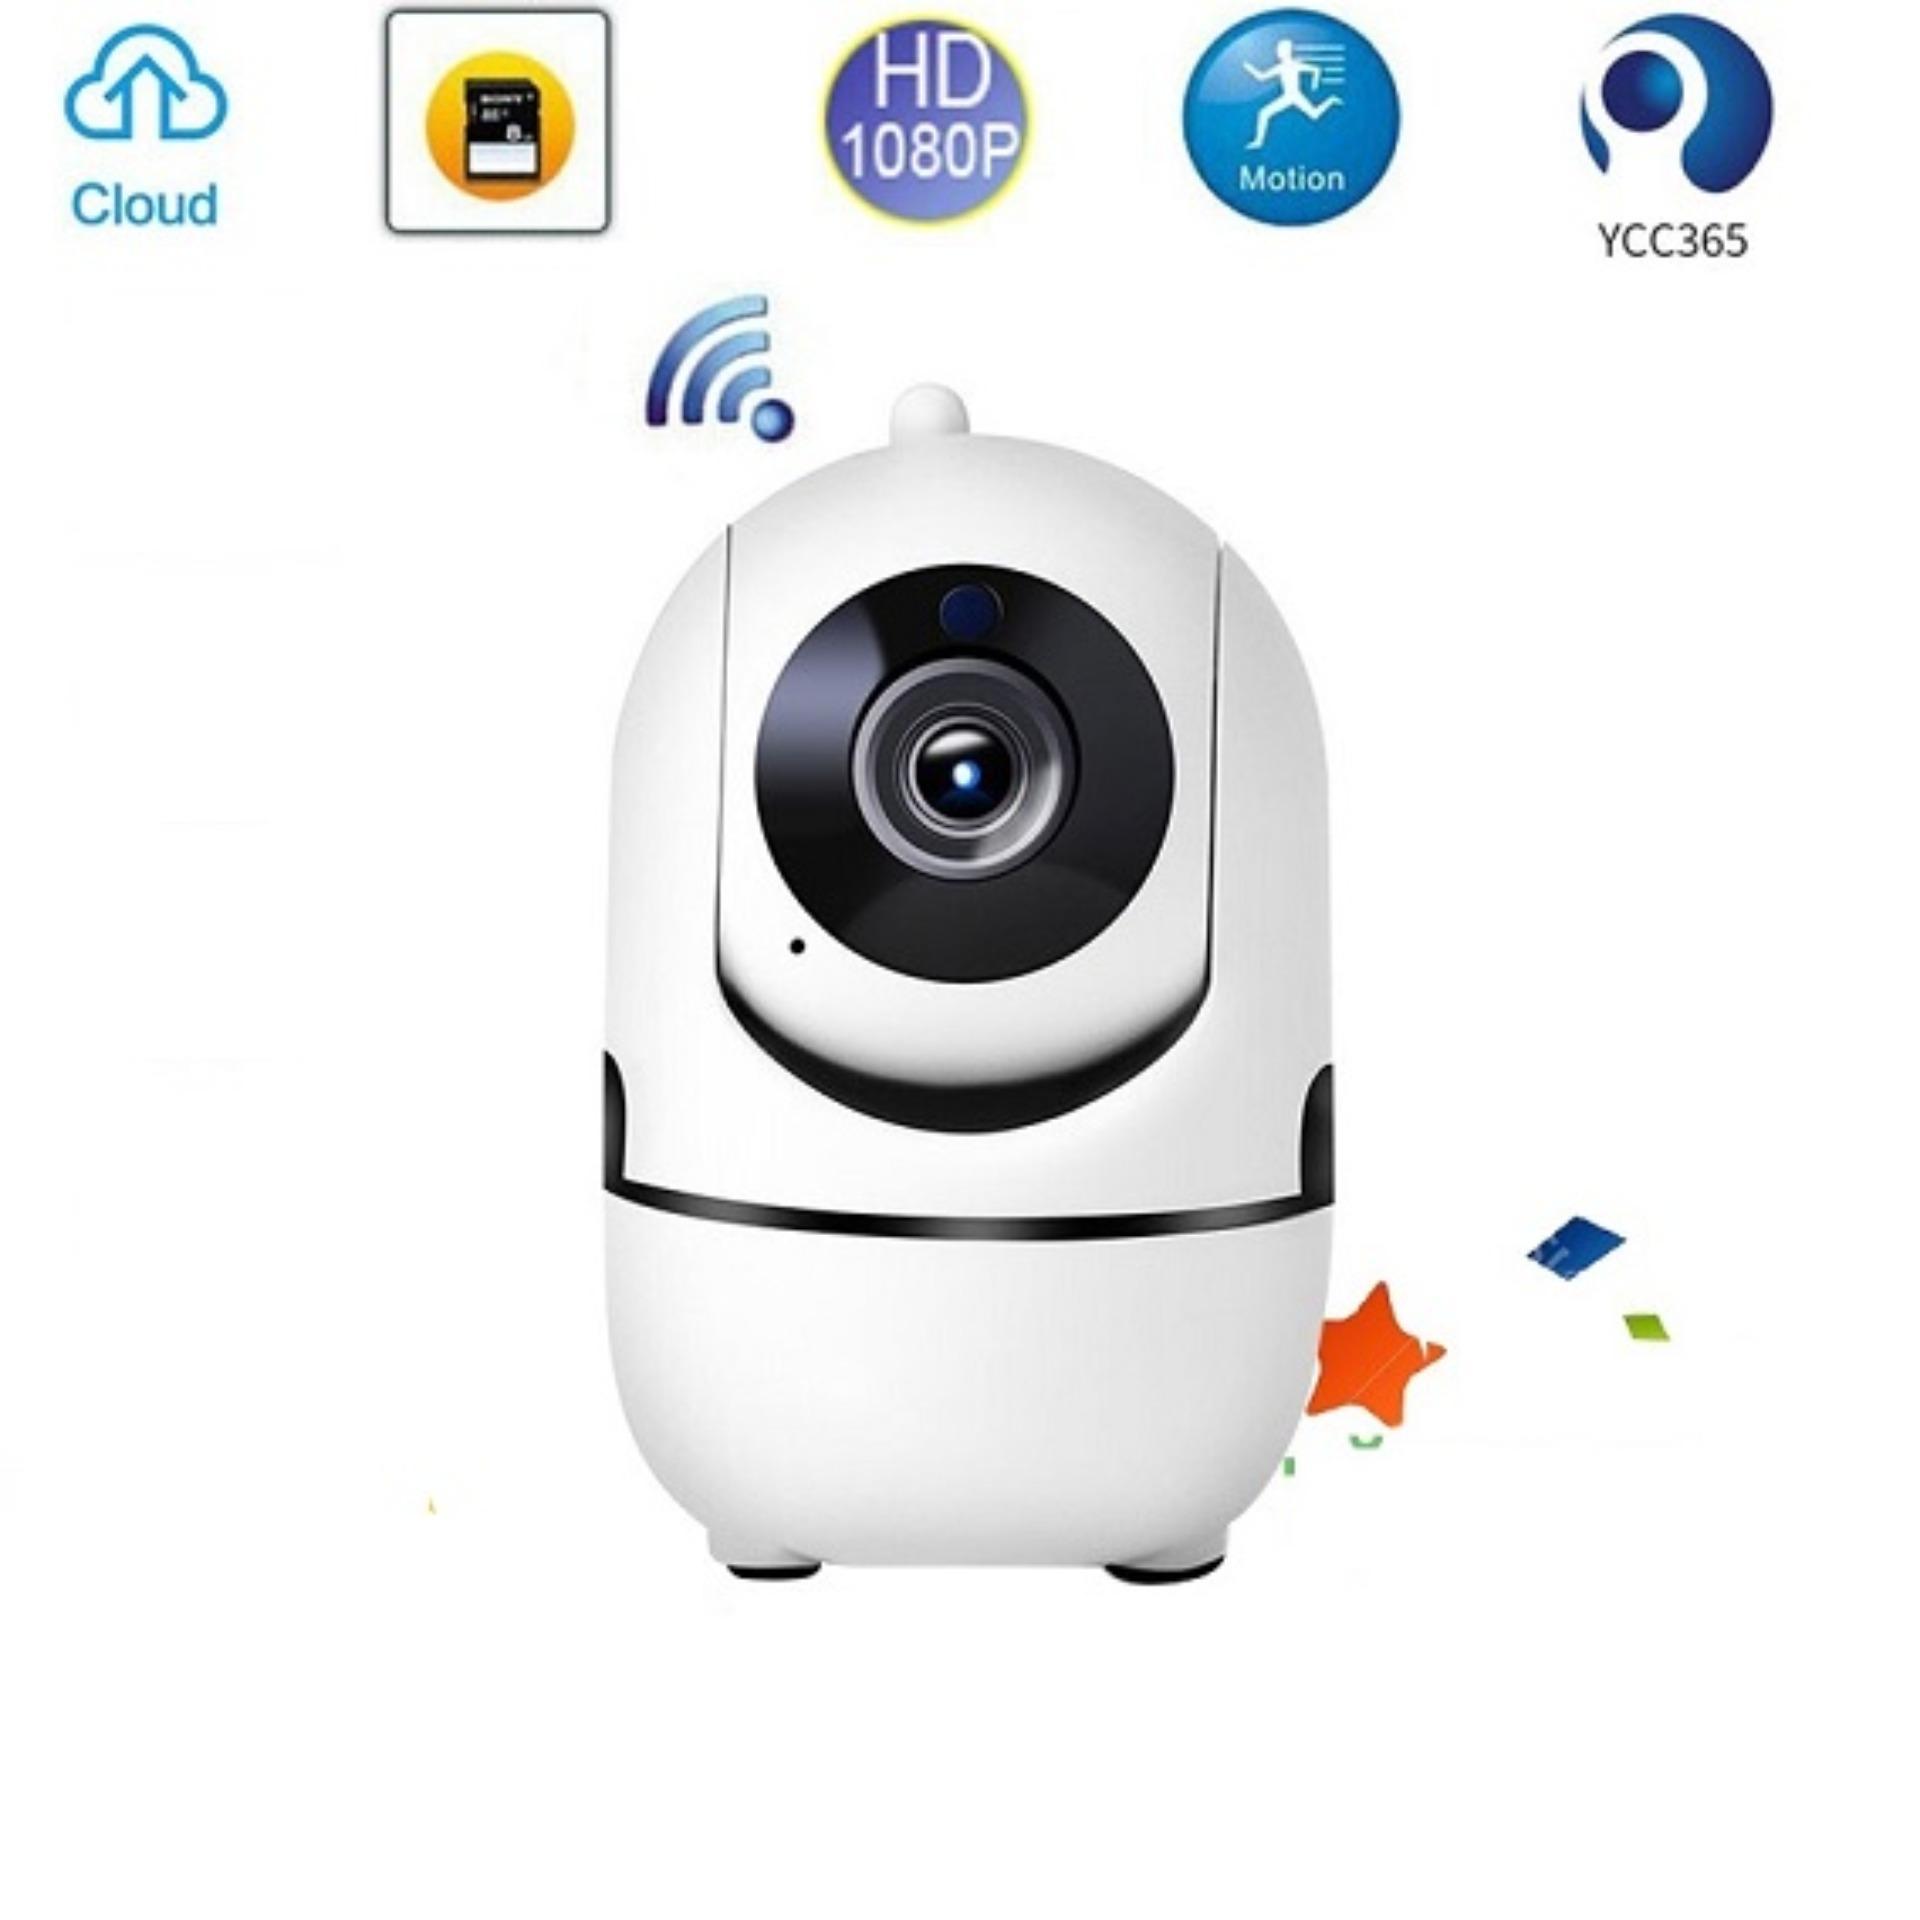 Shop bán Camera Wifi mini thông minh xoay theo chuyển động Ycc365 - 2.4MP  Full HD chất lượng hình ảnh siêu nét, hỗ trợ đàm thoại 2 chiều